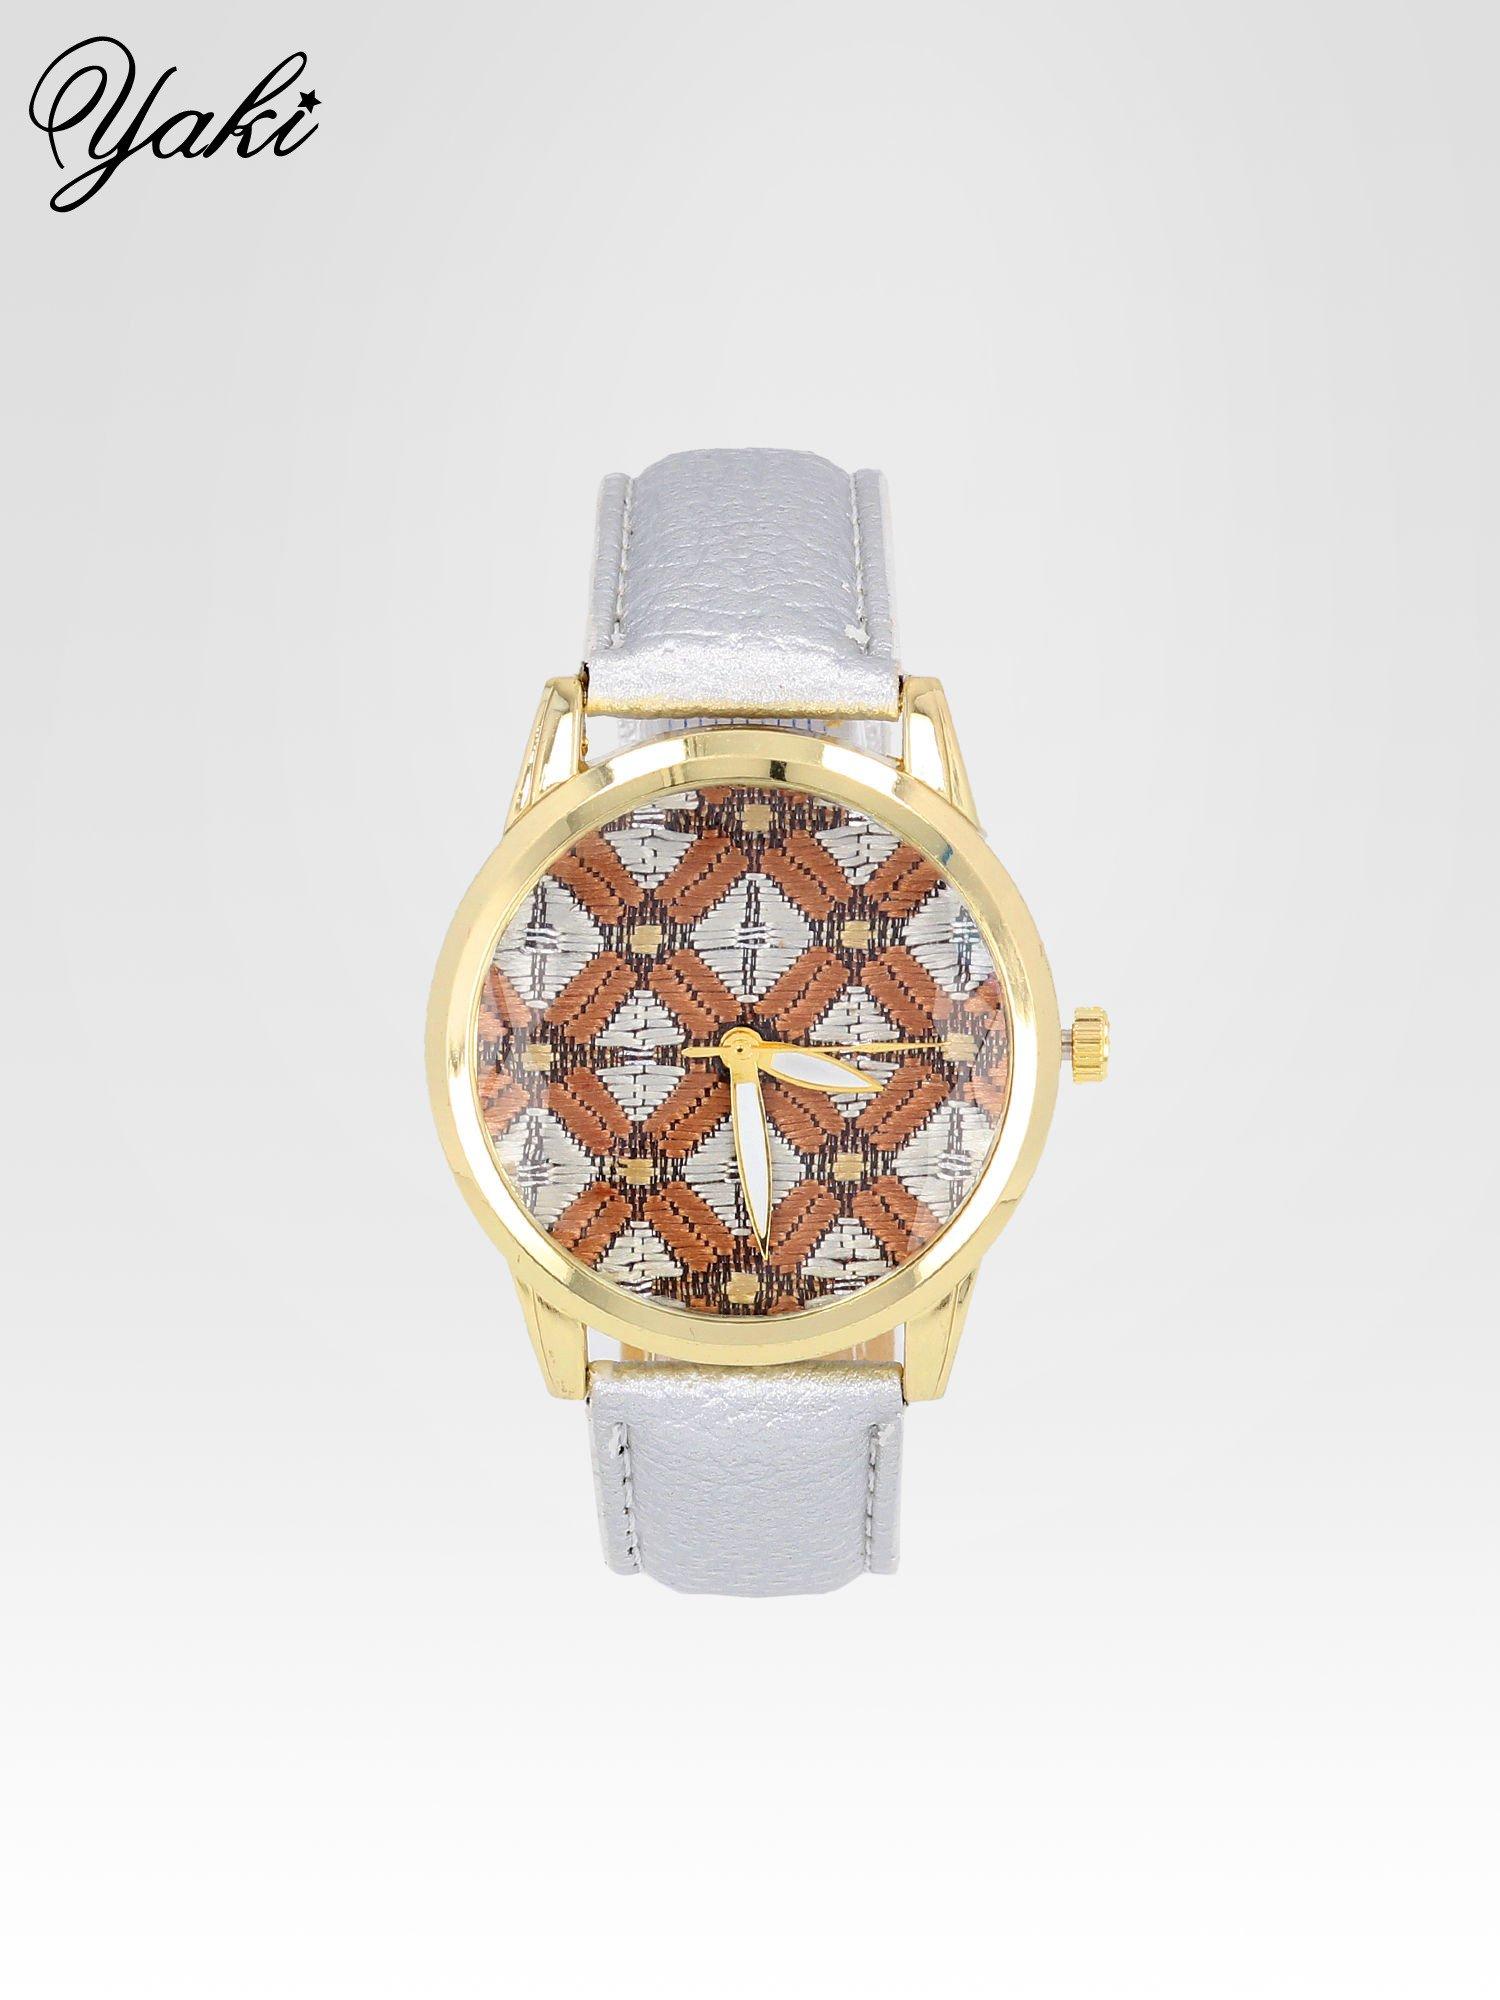 Srebrny zegarek damski ze złotą kopertą i etno tarczą                                  zdj.                                  1